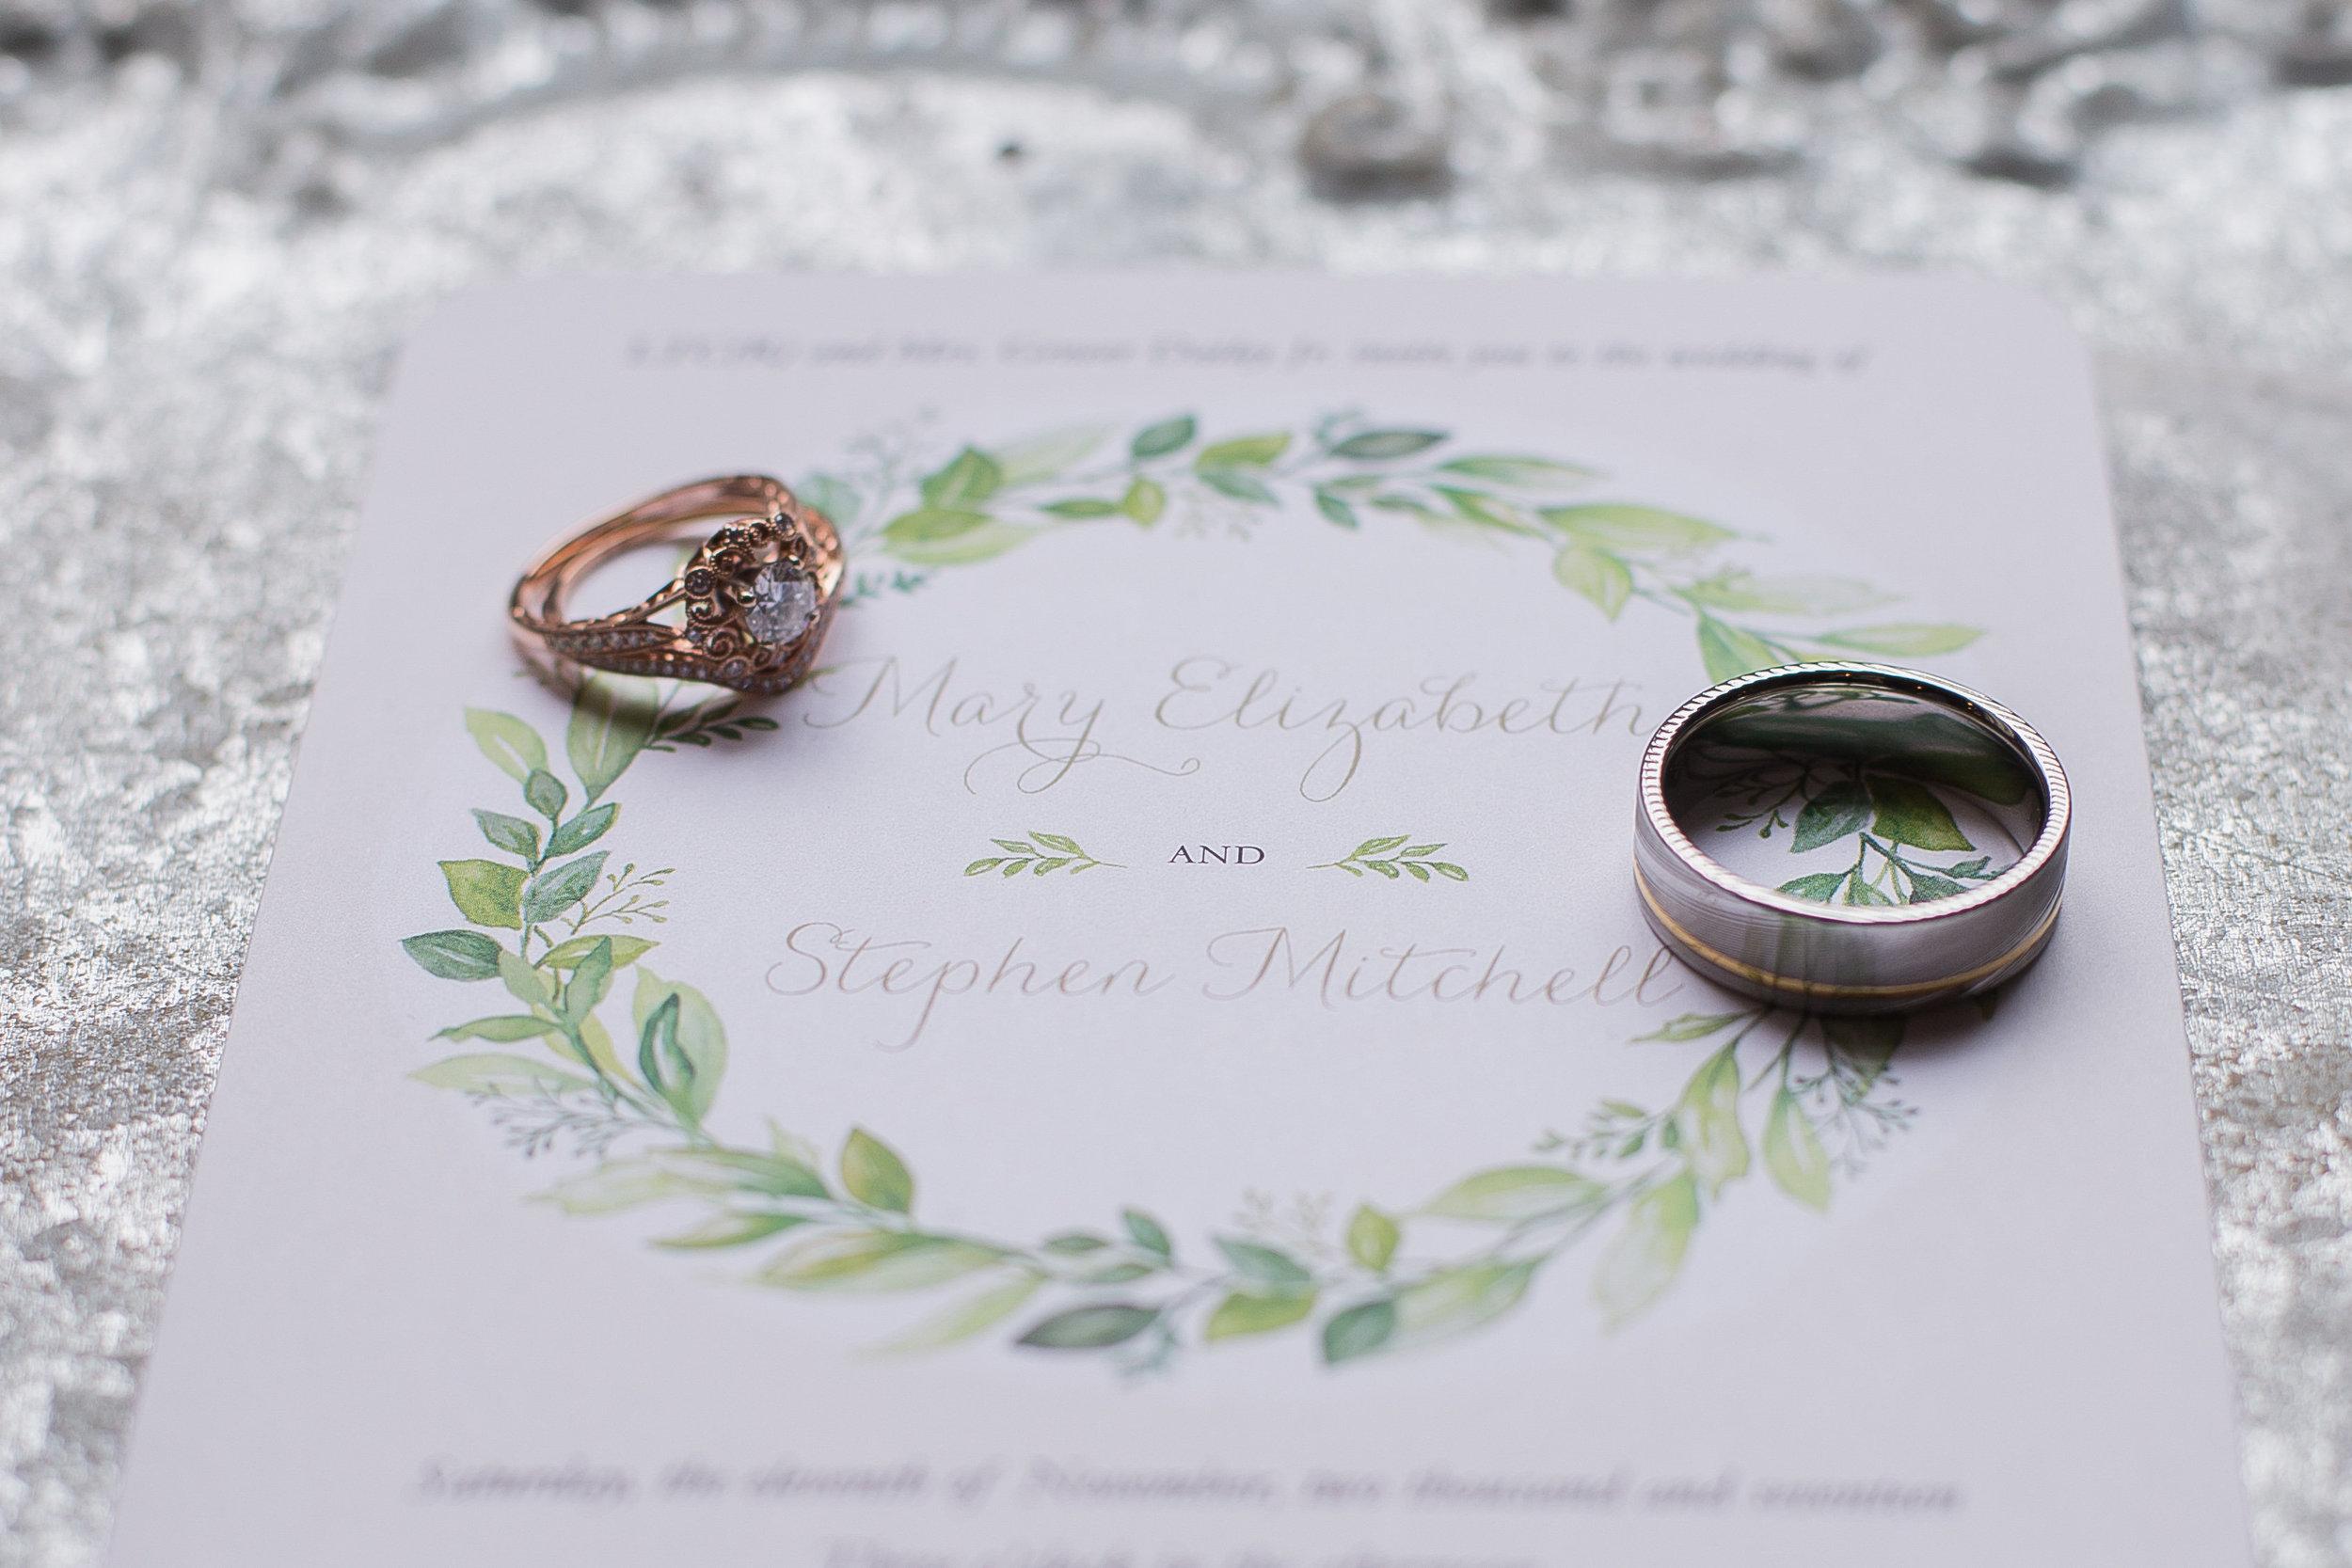 November wedding invitation, photo by Morgan Corbett Photography